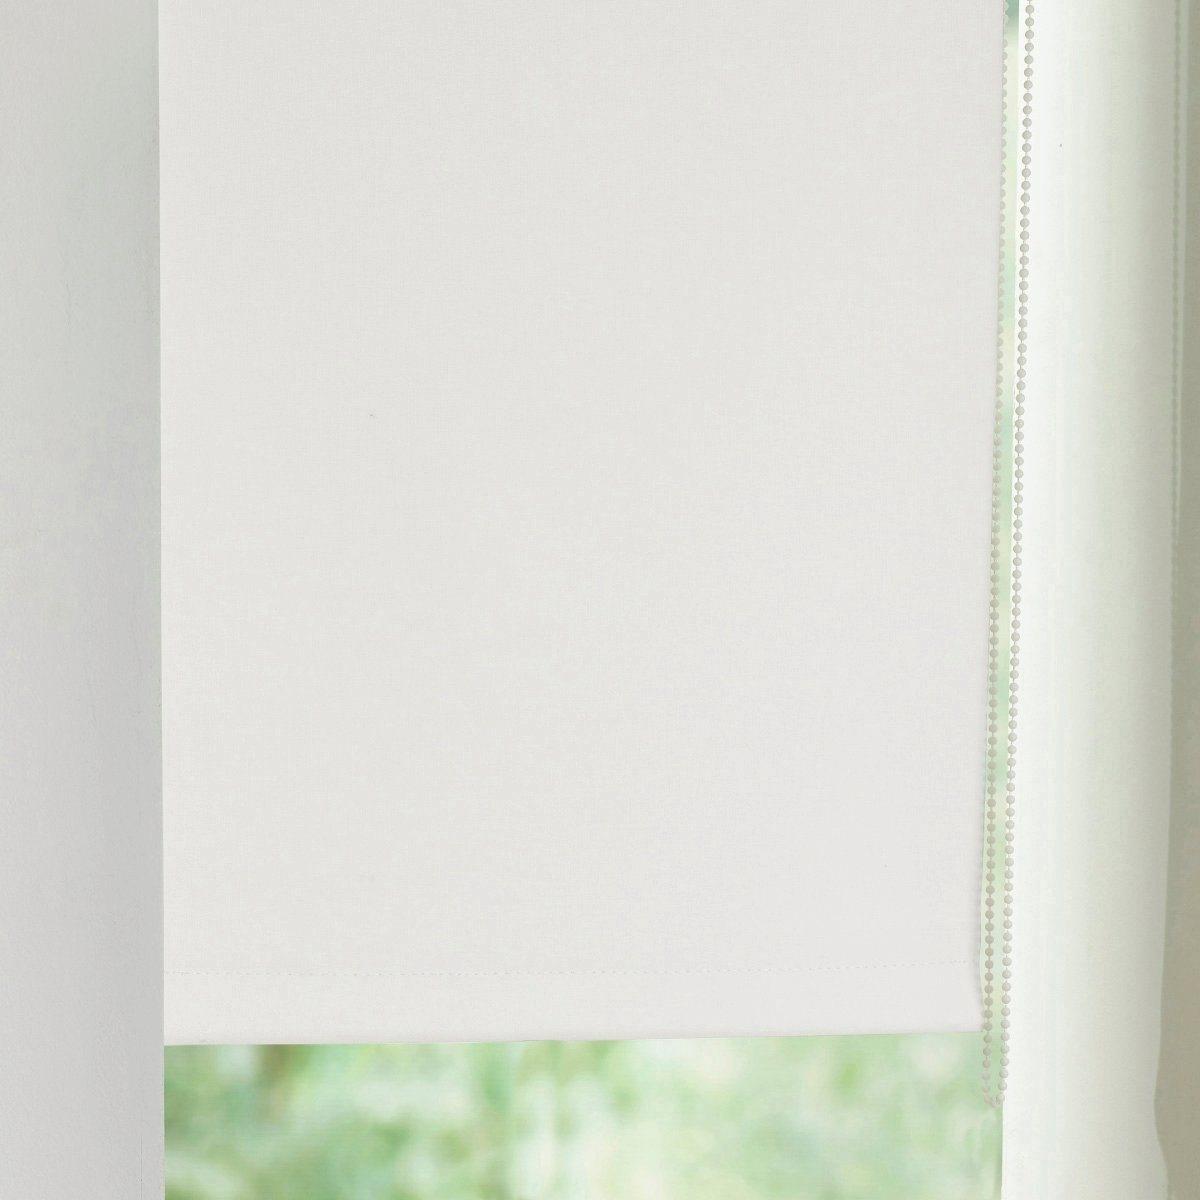 Штора рулонная, затемняющая, узкаяЗатемняющая рулонная штора, с простым креплением  : Крепление защелкой ! Характеристики затемняющей рулонной шторы :Плотная ткань из 100% полиэстера. Тяжелая рейка внизу. Лицевая сторона из цветного хлопка, оборотная сторона с пропиткой ПВХ, обеспечивающей затемнение   Для всех типов окон. Революционная система крепления без сверления, для окон небольшой ширины (32-42 см), подходит для окон из ПВХ  .Длина регулируется механизмом с цепочкой. Можно отрезать по ширине.Высота: 170 см.                                              Набор креплений для деревянных и алюминиевых окон не входит в комплект.                                                  Производство осуществляется с учетом стандартов по защите окружающей среды и здоровья человека, что подтверждено сертификатом Oeko-tex®.<br><br>Цвет: белый,красный,розовый,серо-бежевый,серо-коричневый каштан,серо-синий,серый мышиный,сине-зеленый,черный,ярко-фиолетовый<br>Размер: 170 x 37 см.170 x 37 см.170 x 32 см.170 x 42 см